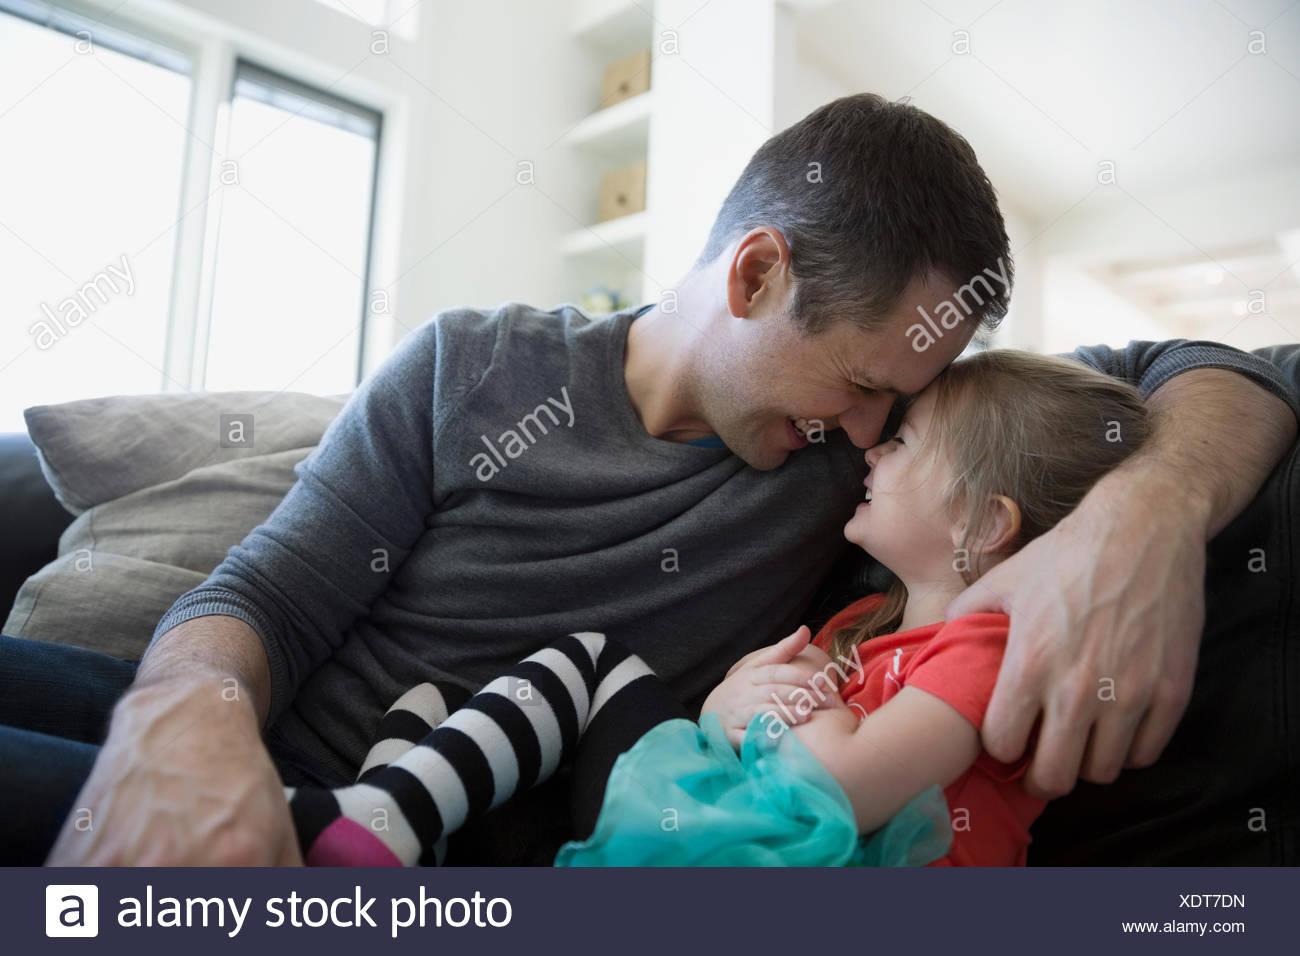 Père affectueux et sa fille rubbing noses sur canapé Photo Stock